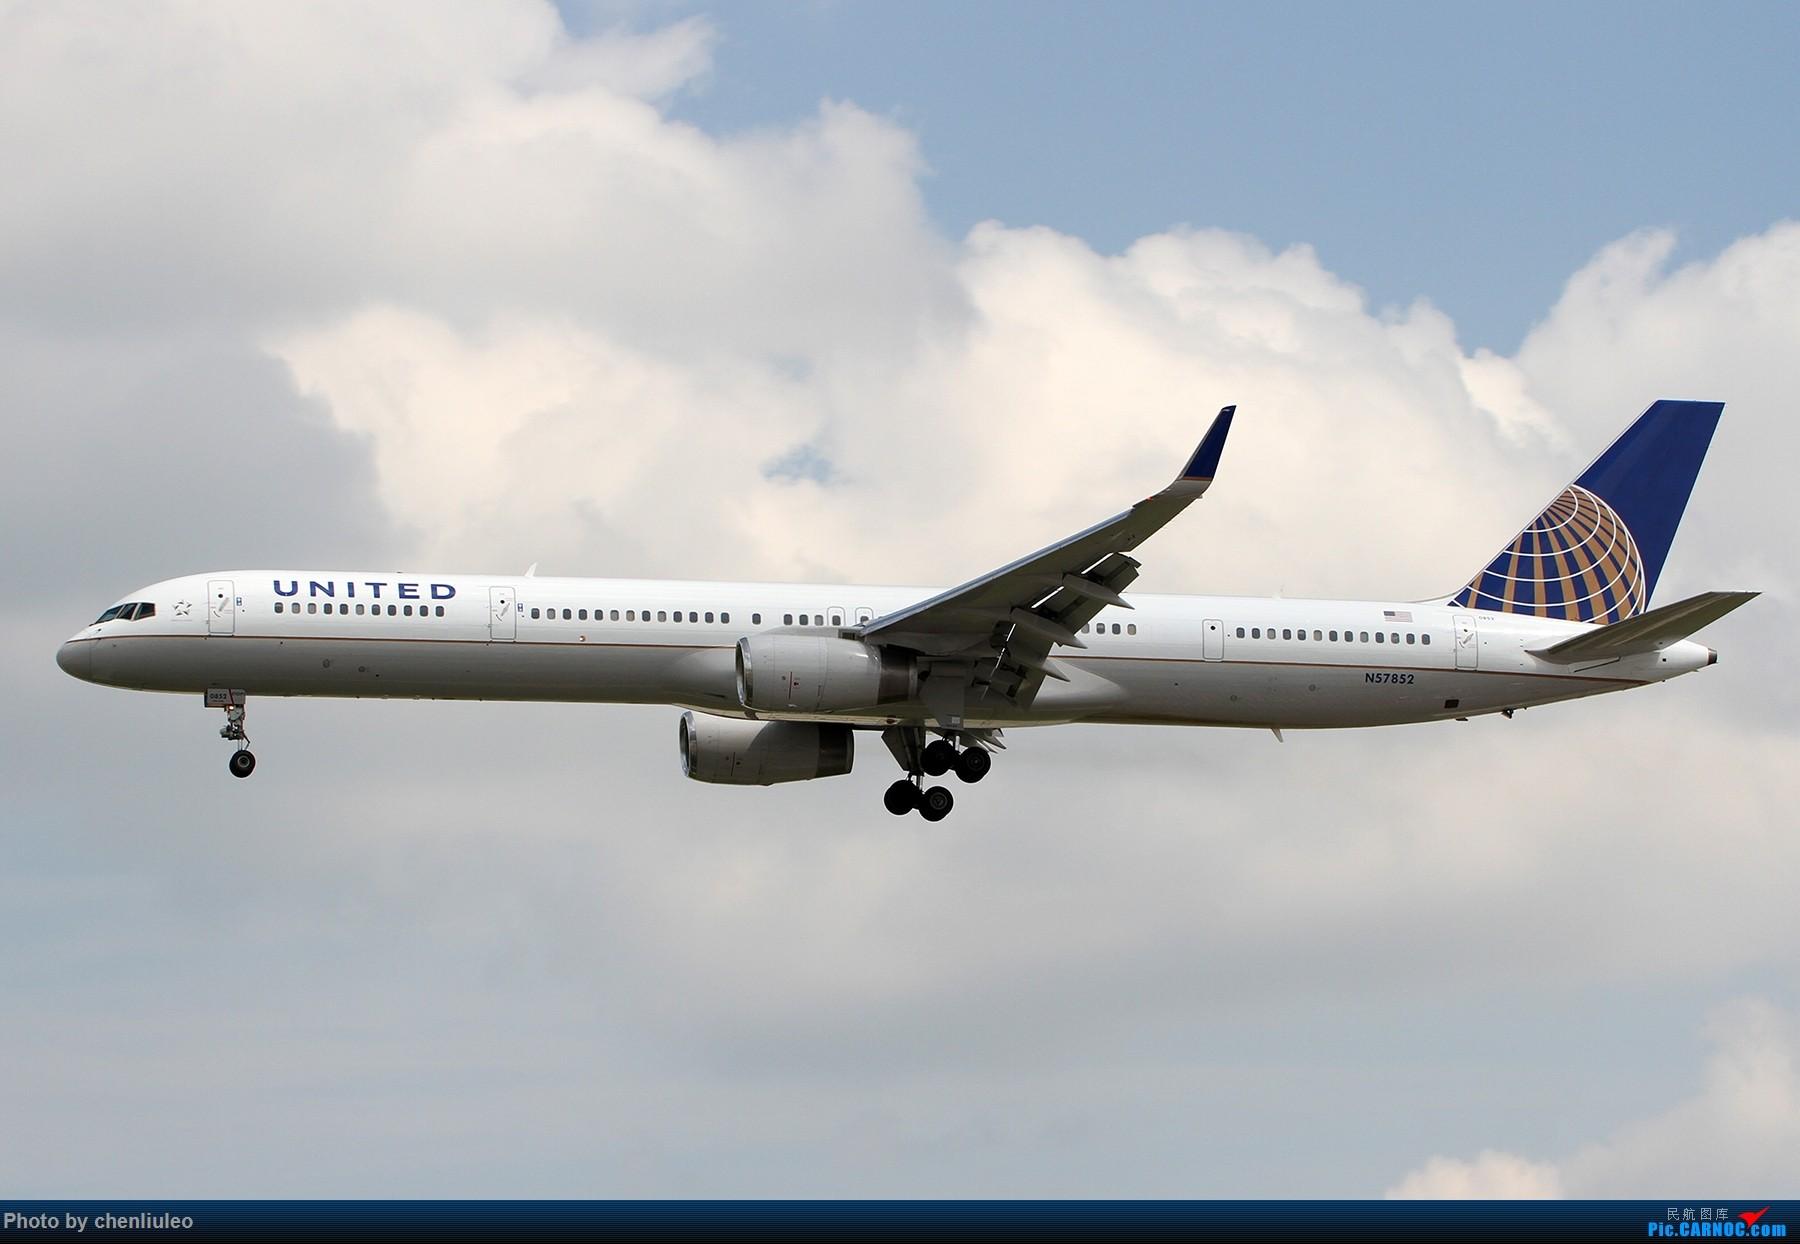 Re:[原创]【北美飞友会】芝加哥奥黑尔机场首拍 BOEING 757-300 N57852 美国芝加哥奥黑尔国际机场